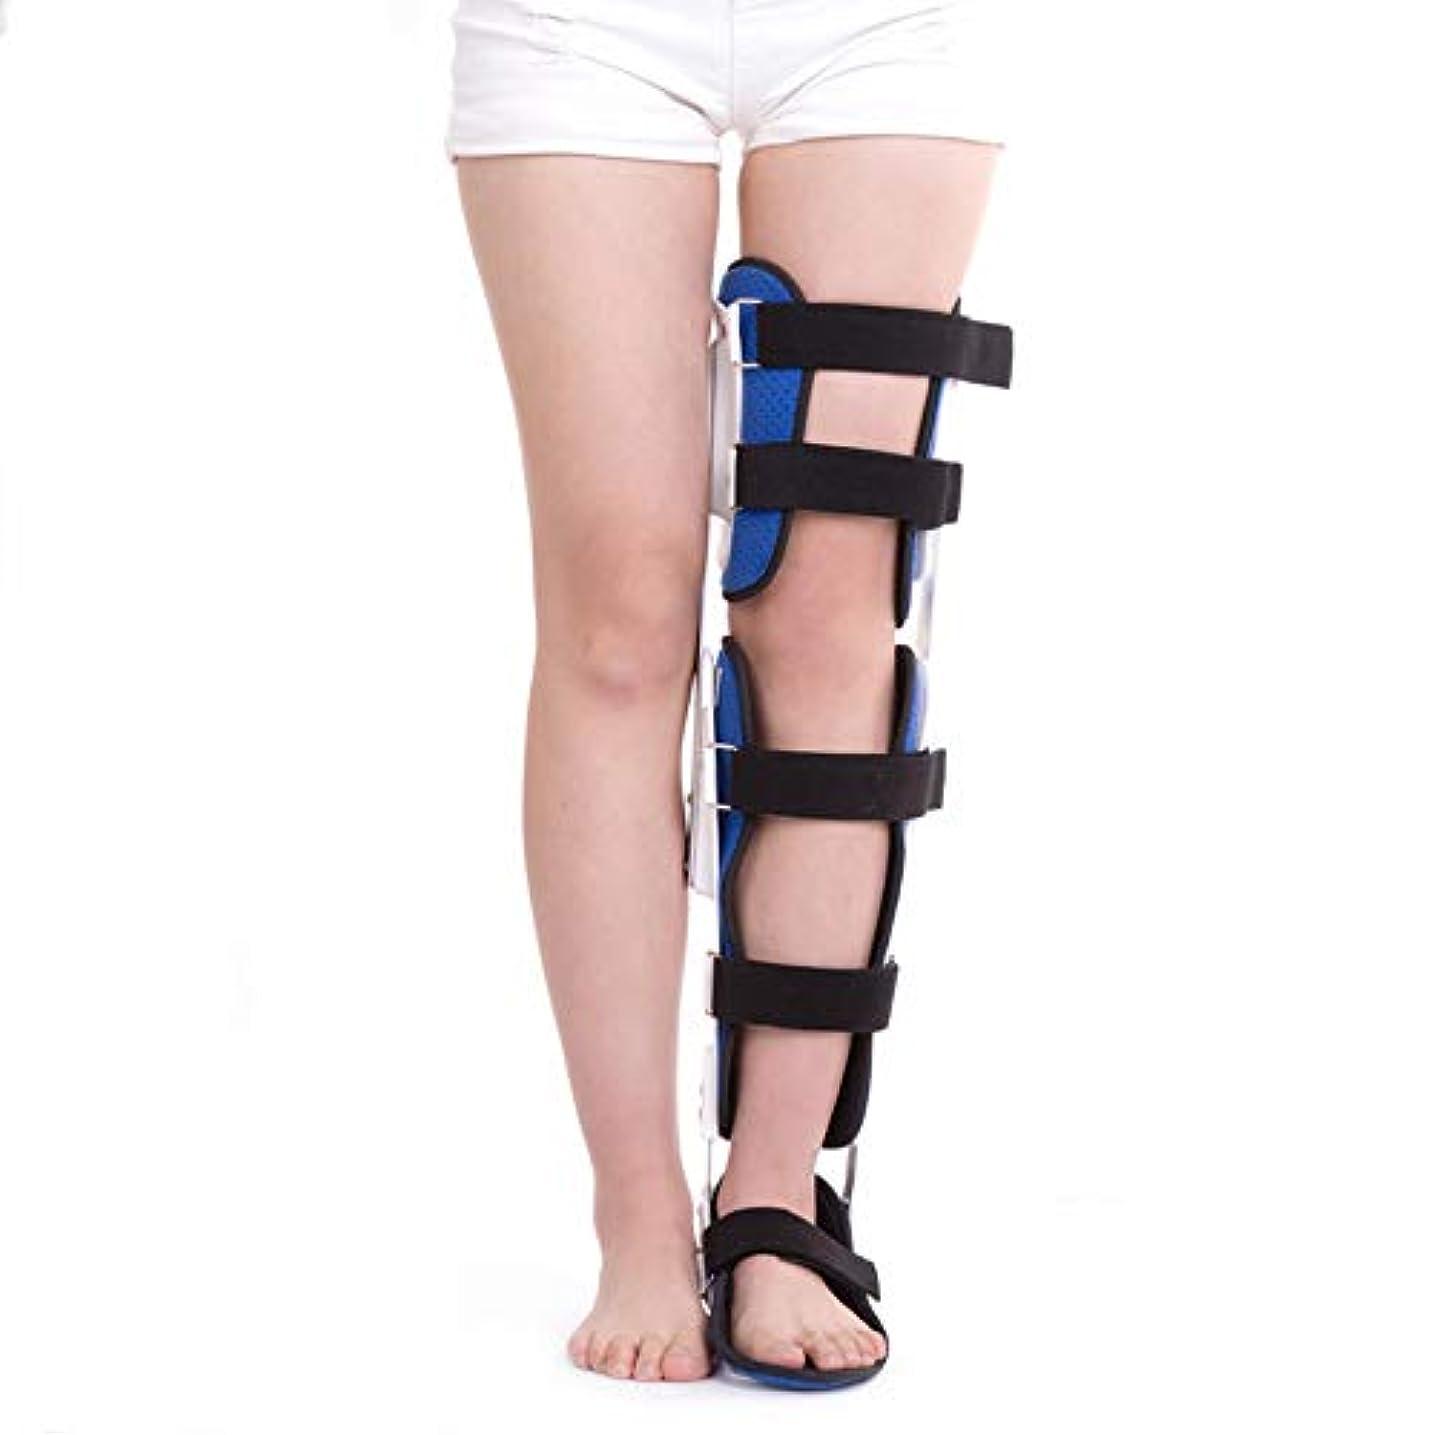 再発する湿気の多いけがをする膝関節足首装具、調整可能な下肢装具医療用膝装具Opst-Op膝骨折サポート